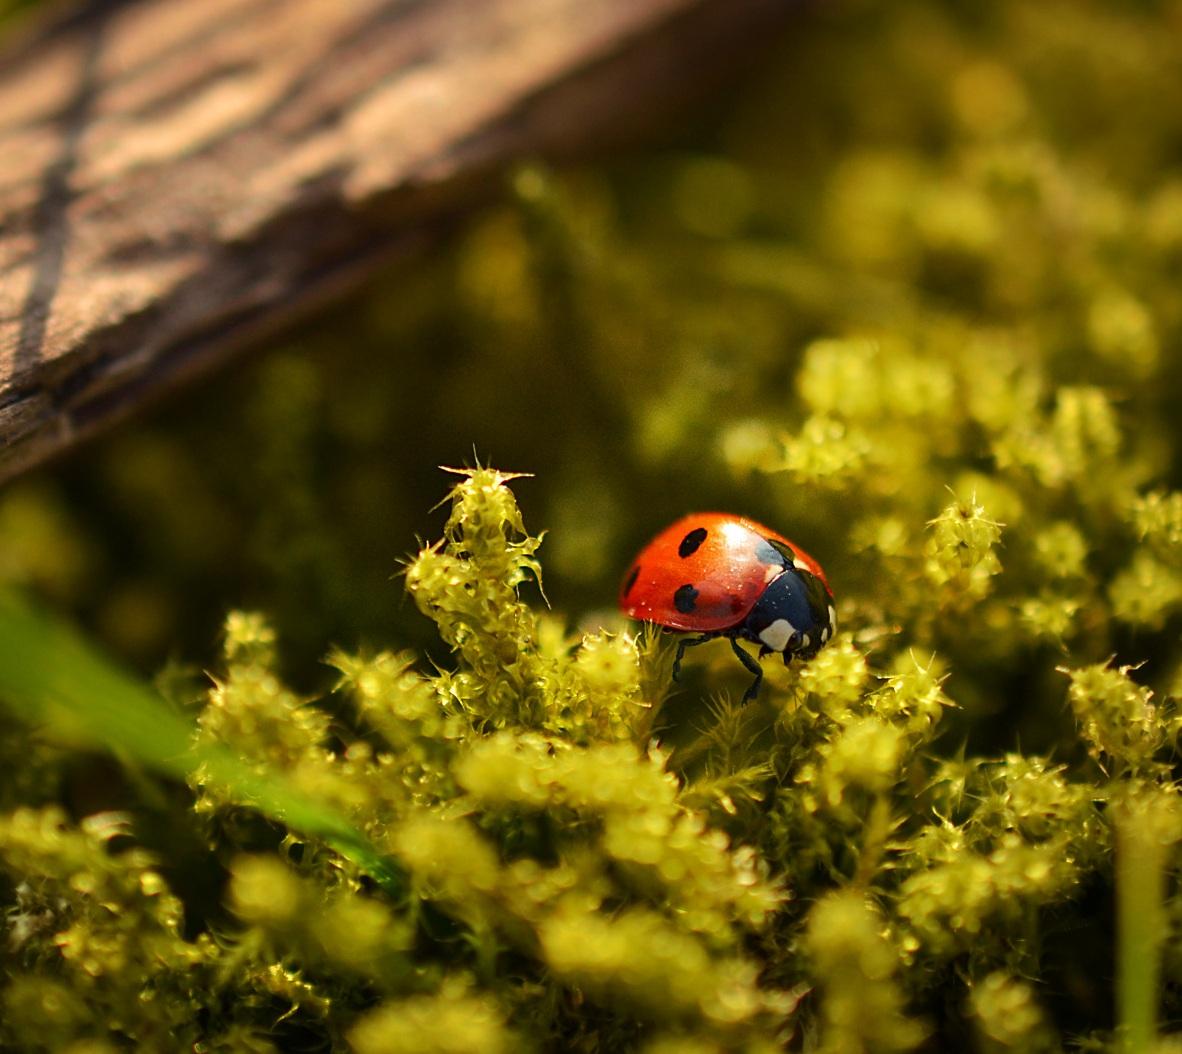 Ladybug or Ladybird